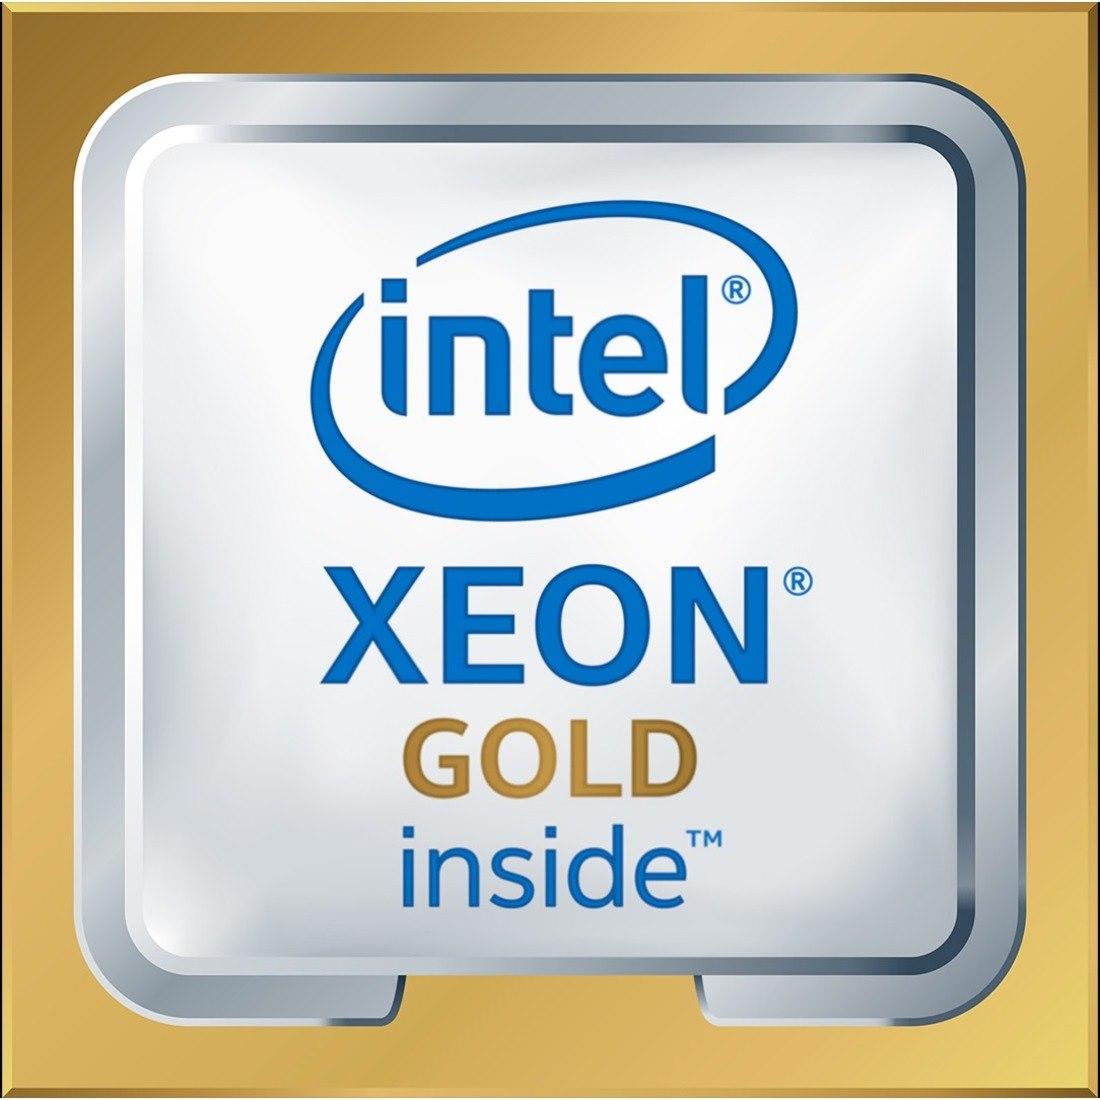 Cisco Intel Xeon 6146 Dodeca-core (12 Core) 3.20 GHz Processor Upgrade